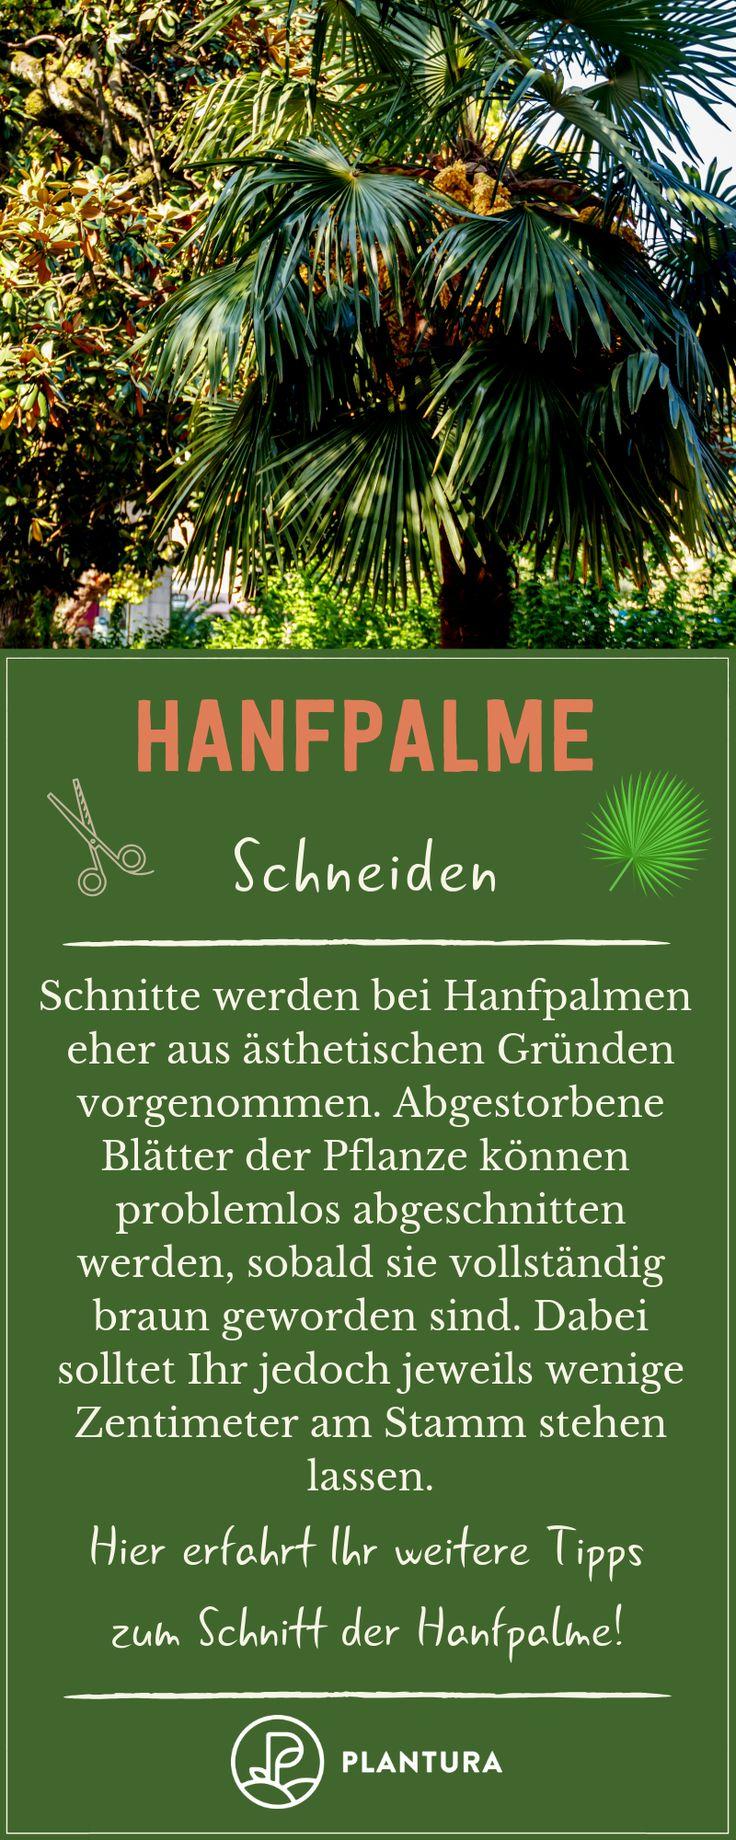 Hanfpalme Pflegen Profi Tipps Zum Dungen Schneiden Co Hanfpalme Pflanzen Pflegeleichte Pflanzen